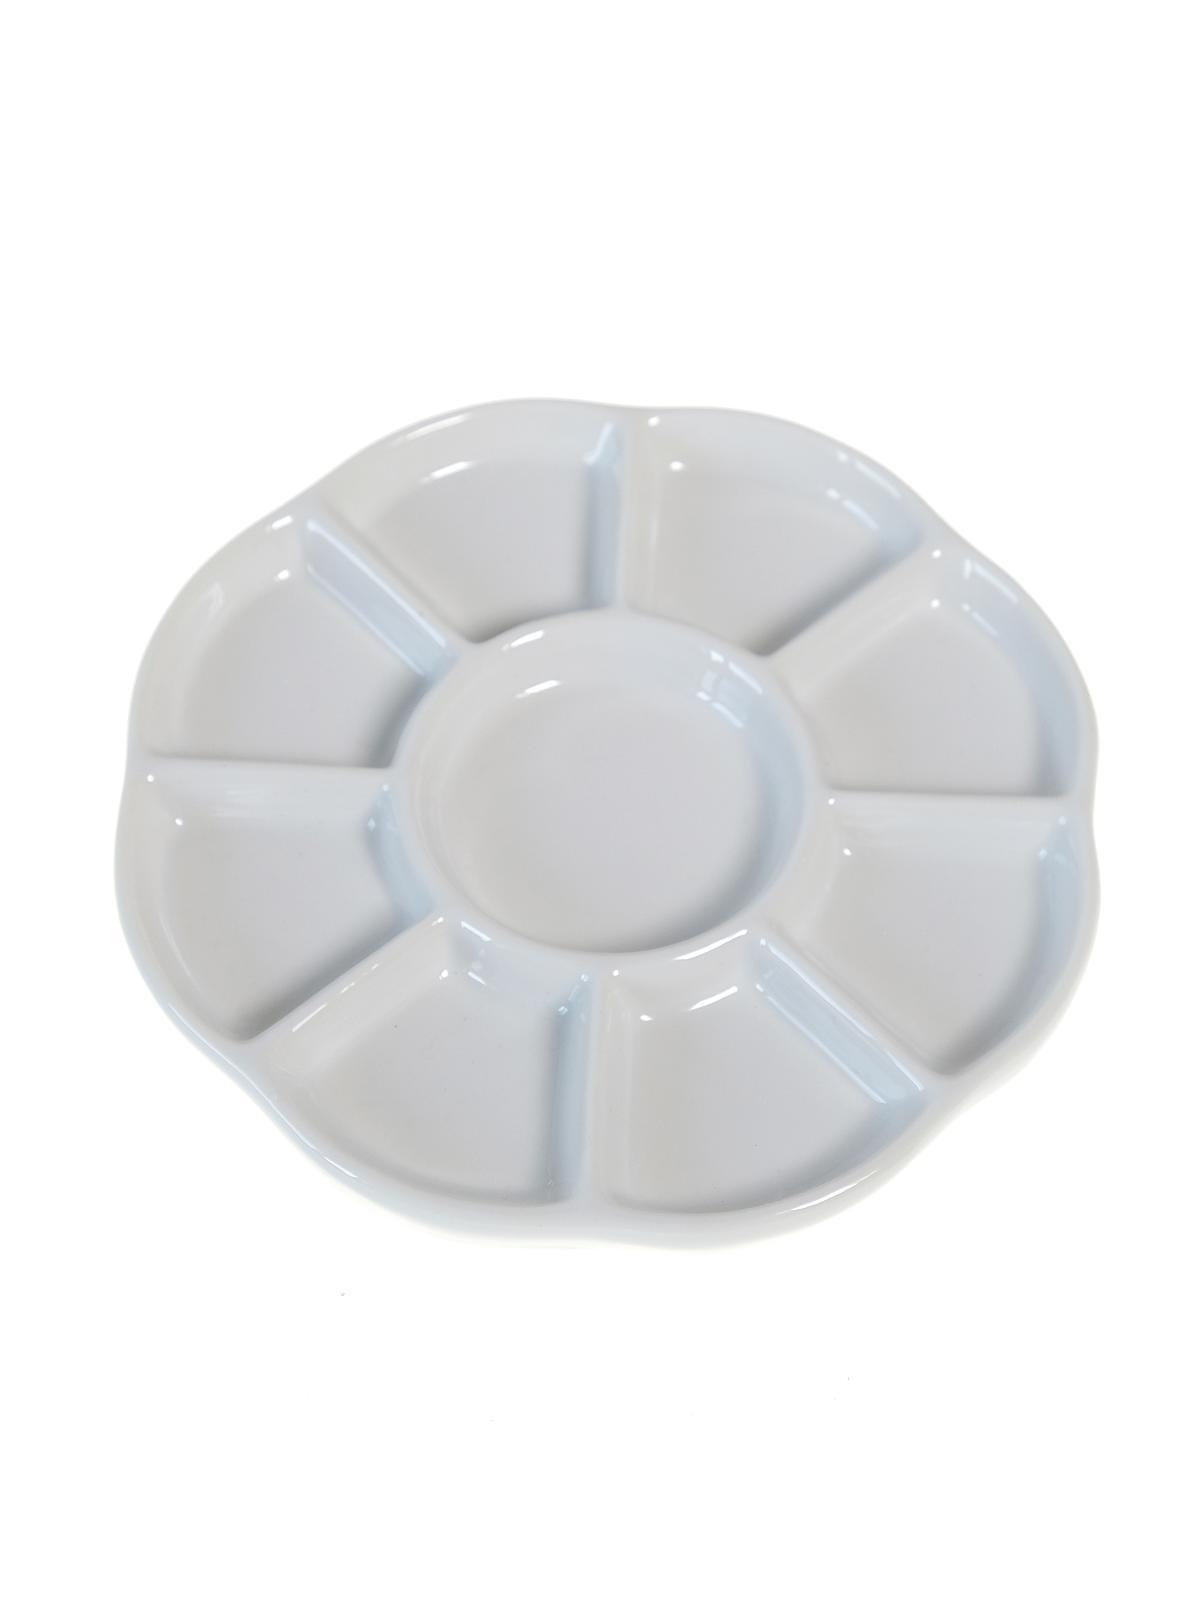 Porcelain Mixing Dish